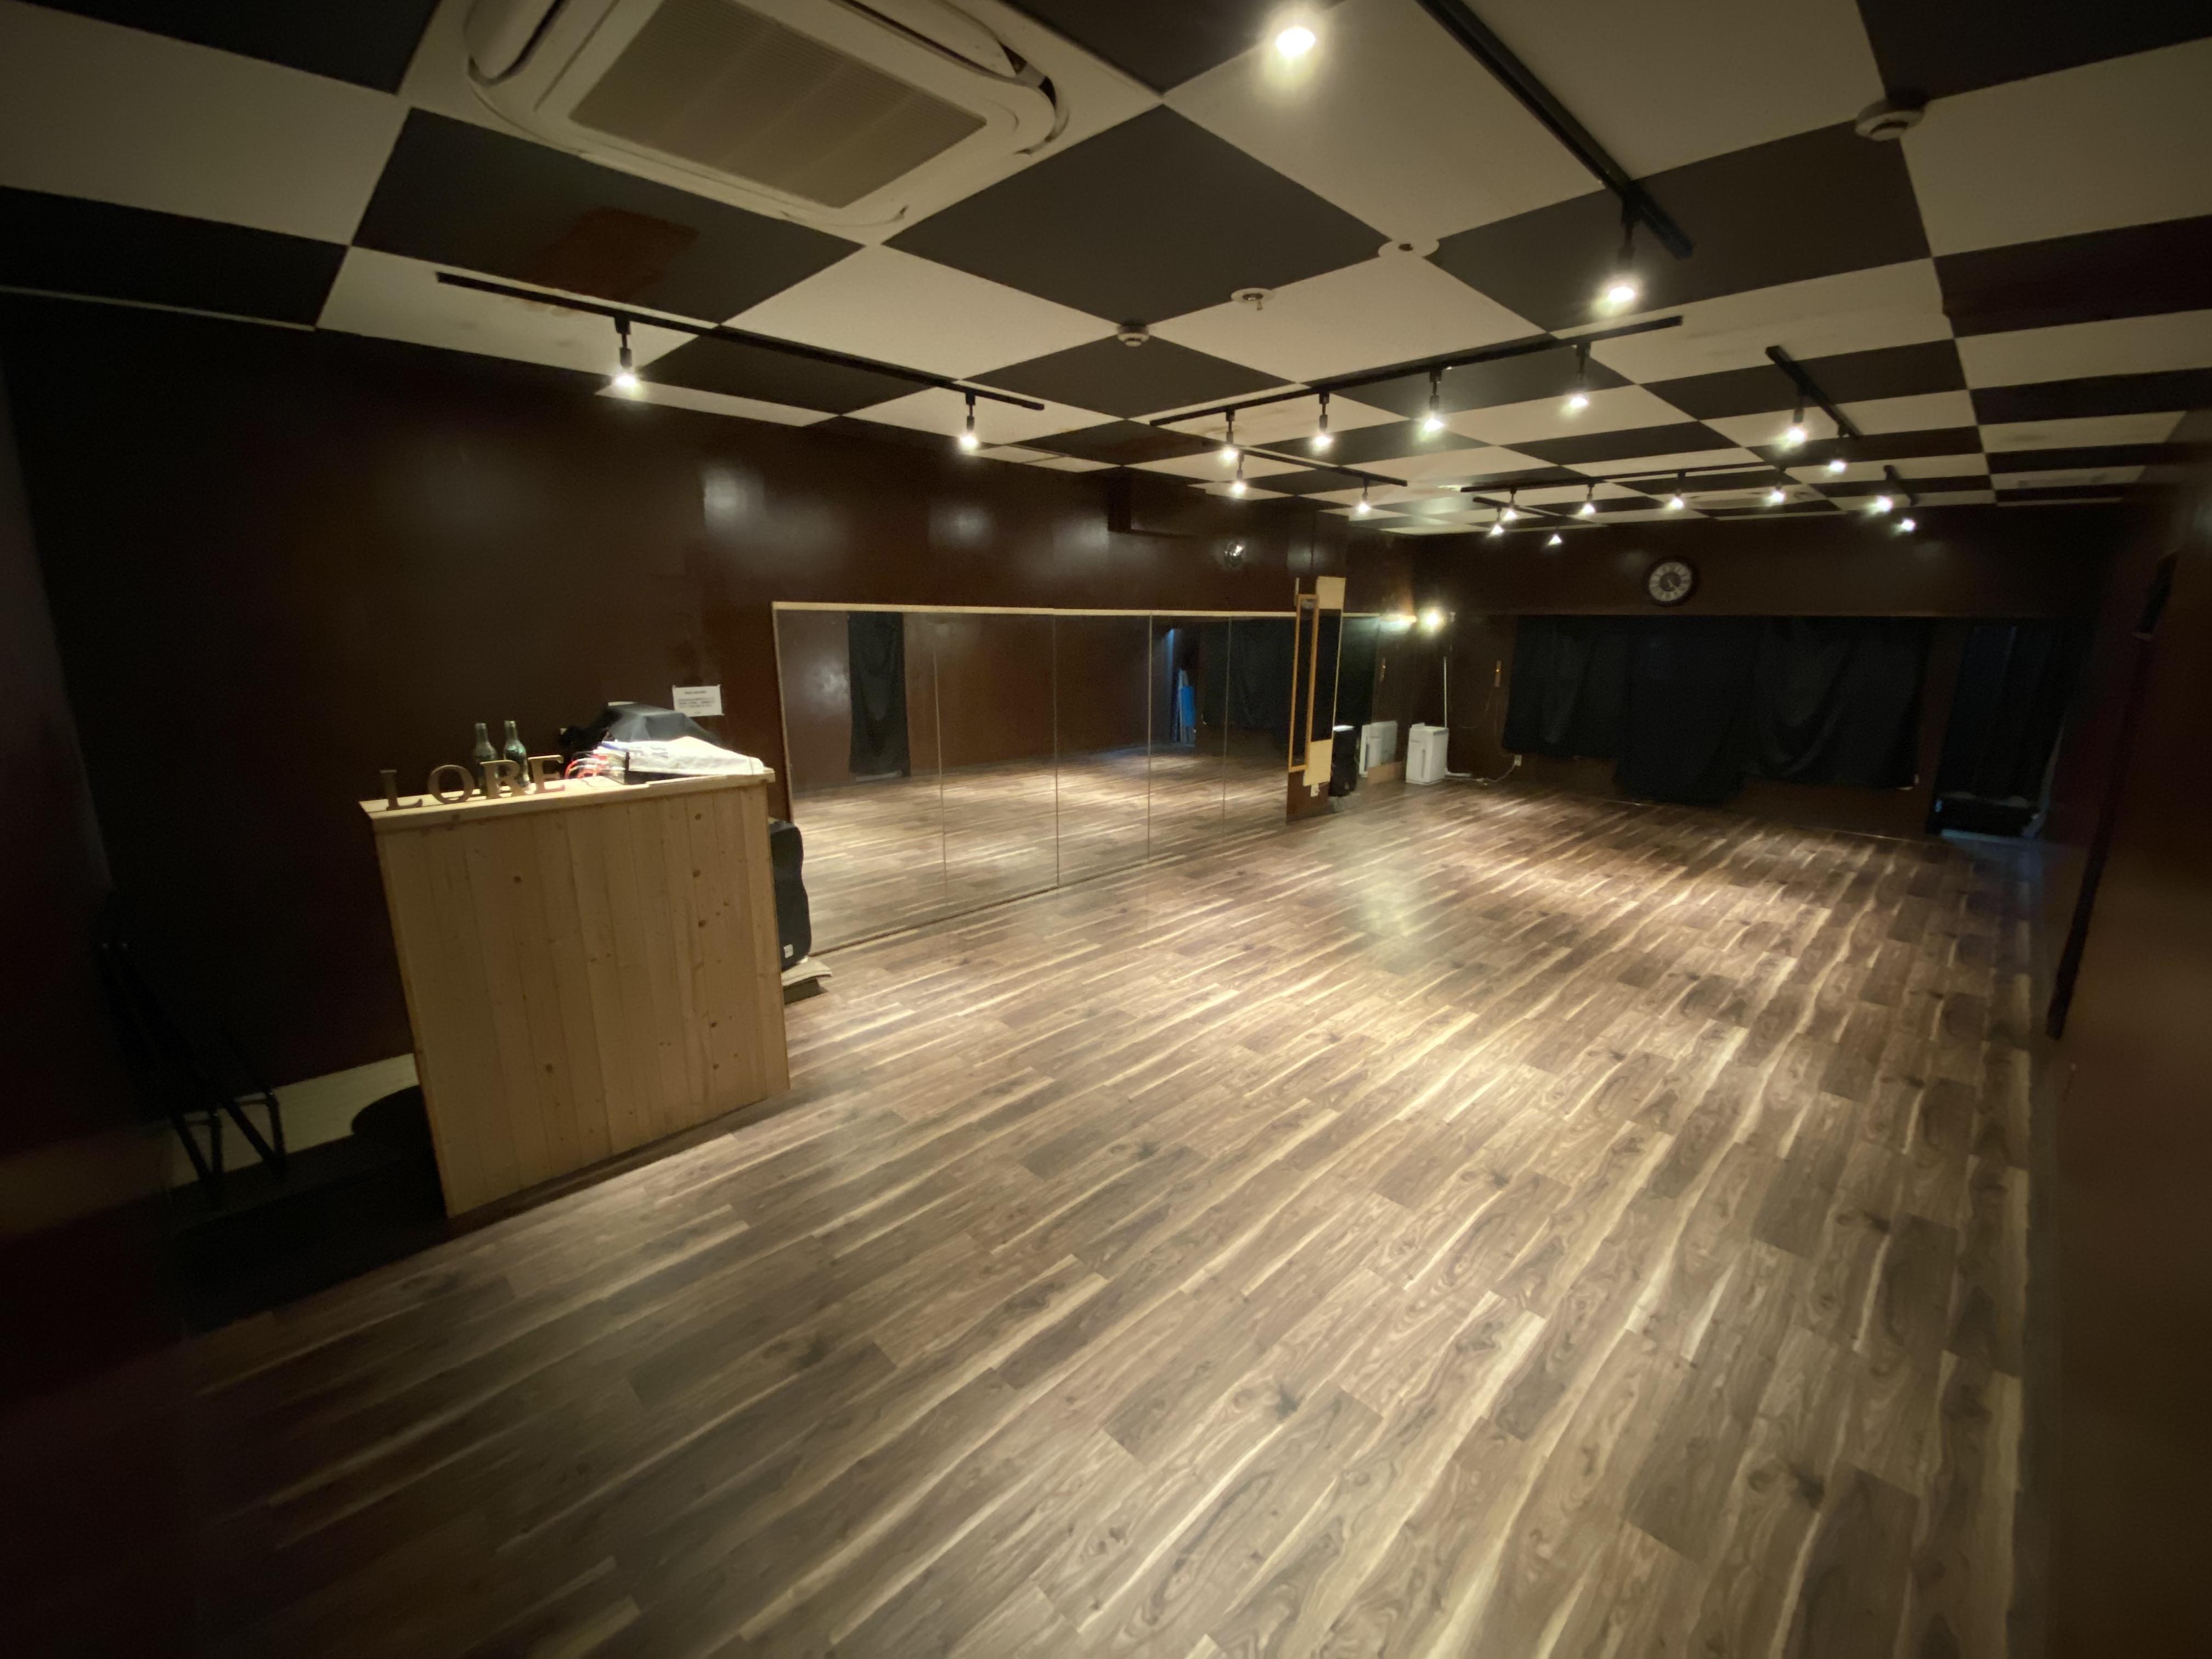 床も体に負担のかかりにくい優しい作りになっております。 - DANCESTUDIOLoRe ダンススタジオロア1スタジオの室内の写真